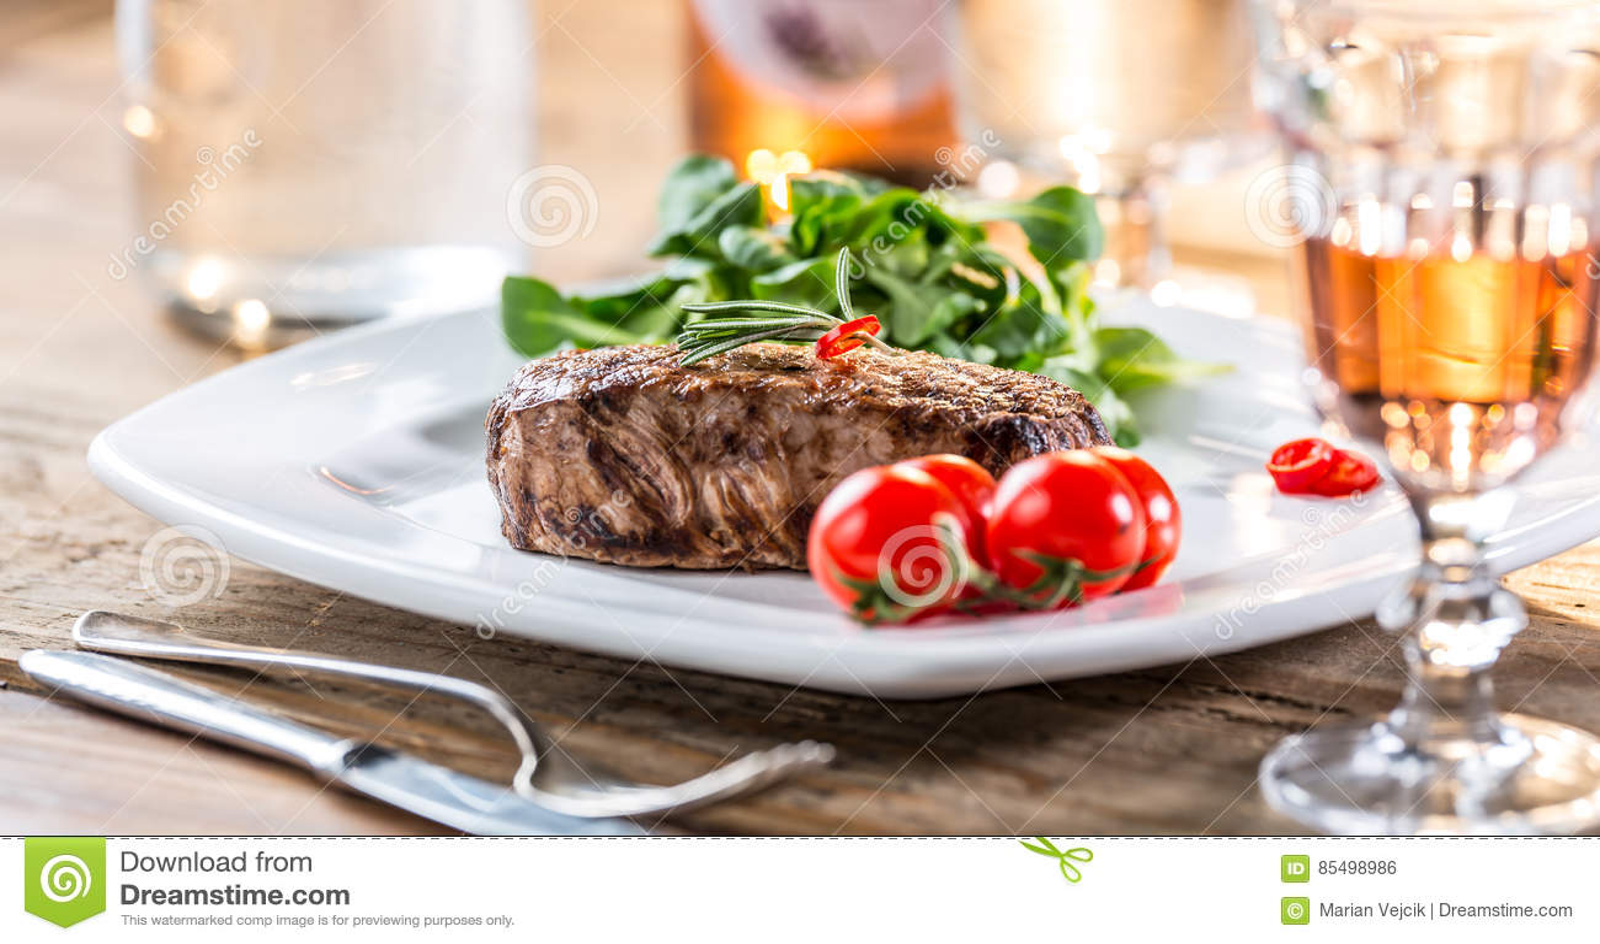 Bifteck de boeuf bifteck juteux de boeuf Bifteck gastronome avec les légumes et le verre de vin rosé sur la table en bois